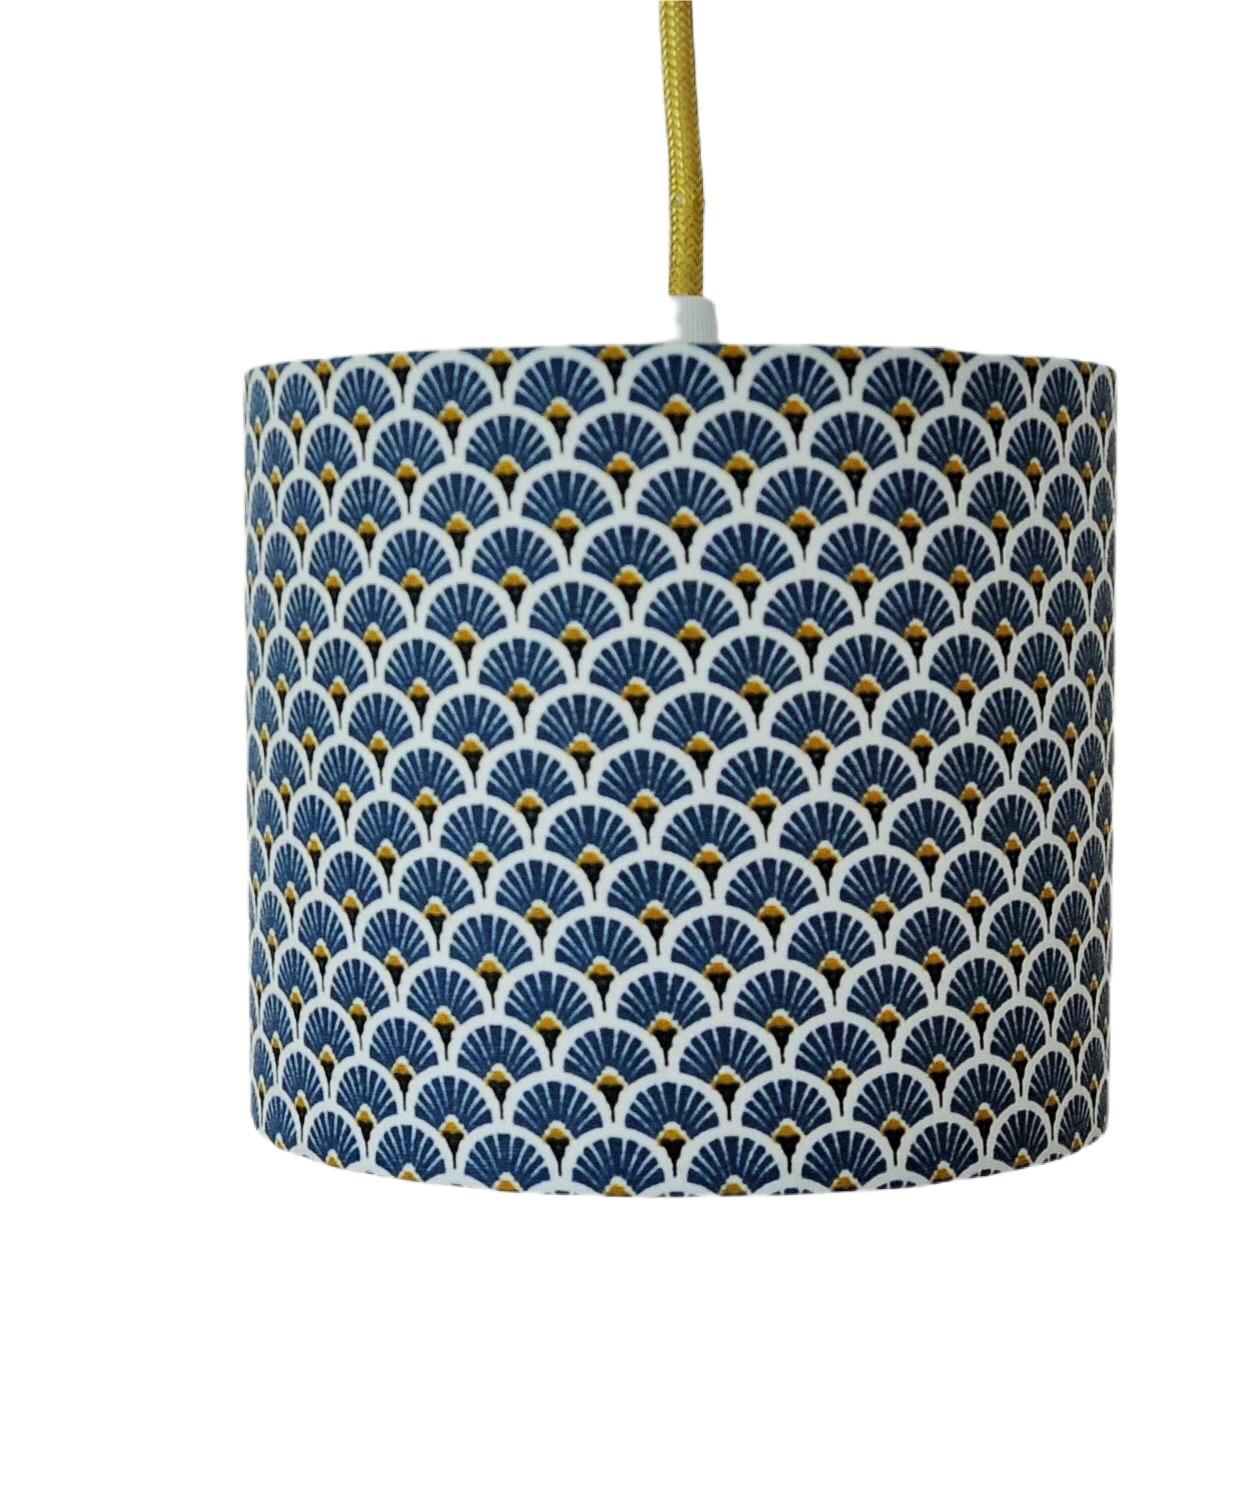 Suspension eventail bleu et or diamètre 15 cm